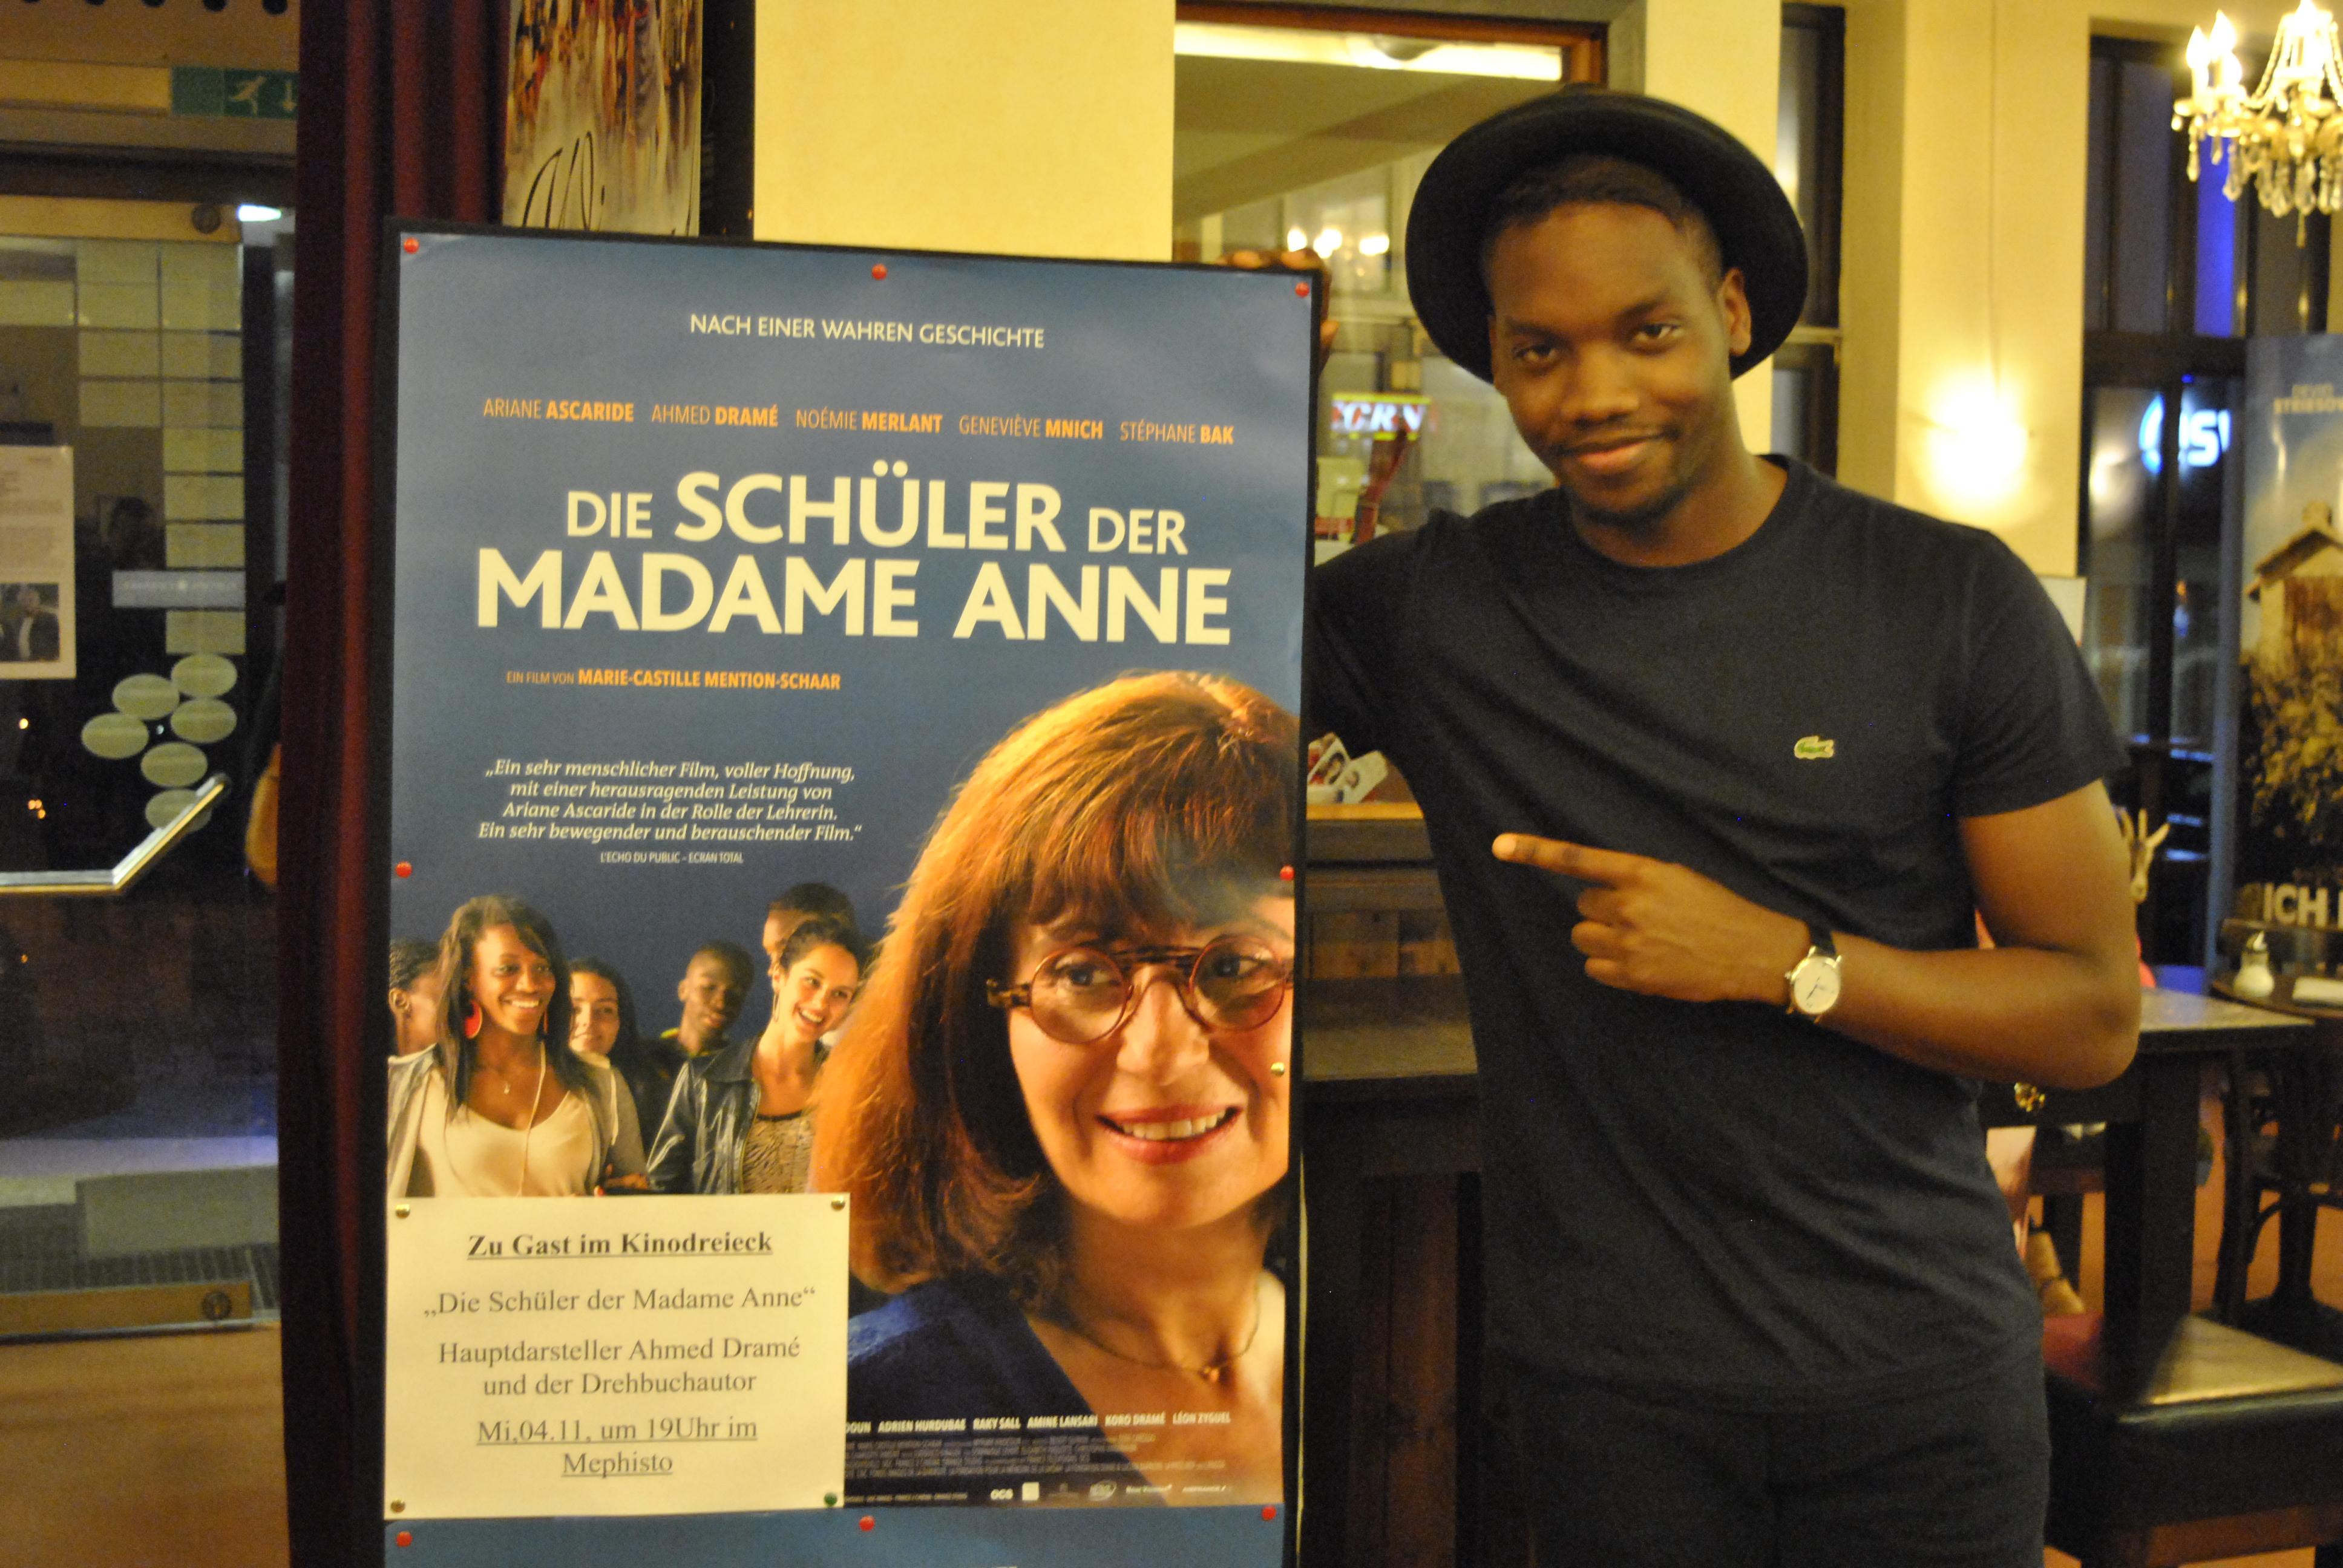 Gast: Hauptdarsteller und Drehbuchautor Ahmed Dramé